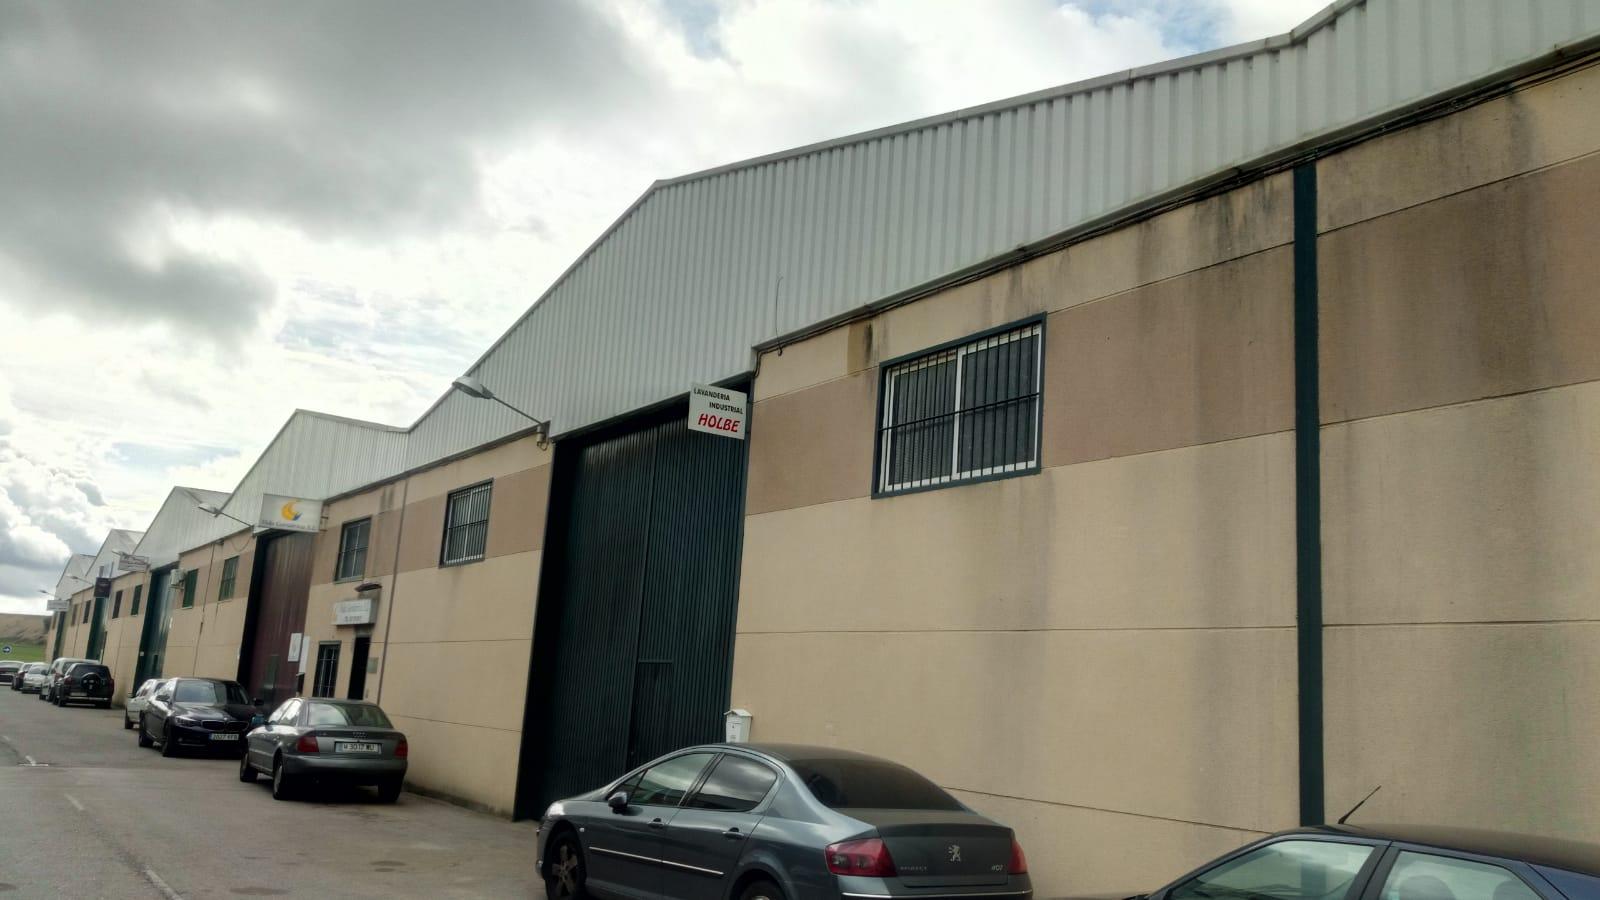 España Lavandería industrial en Cáceres Holbe Las Capellanias